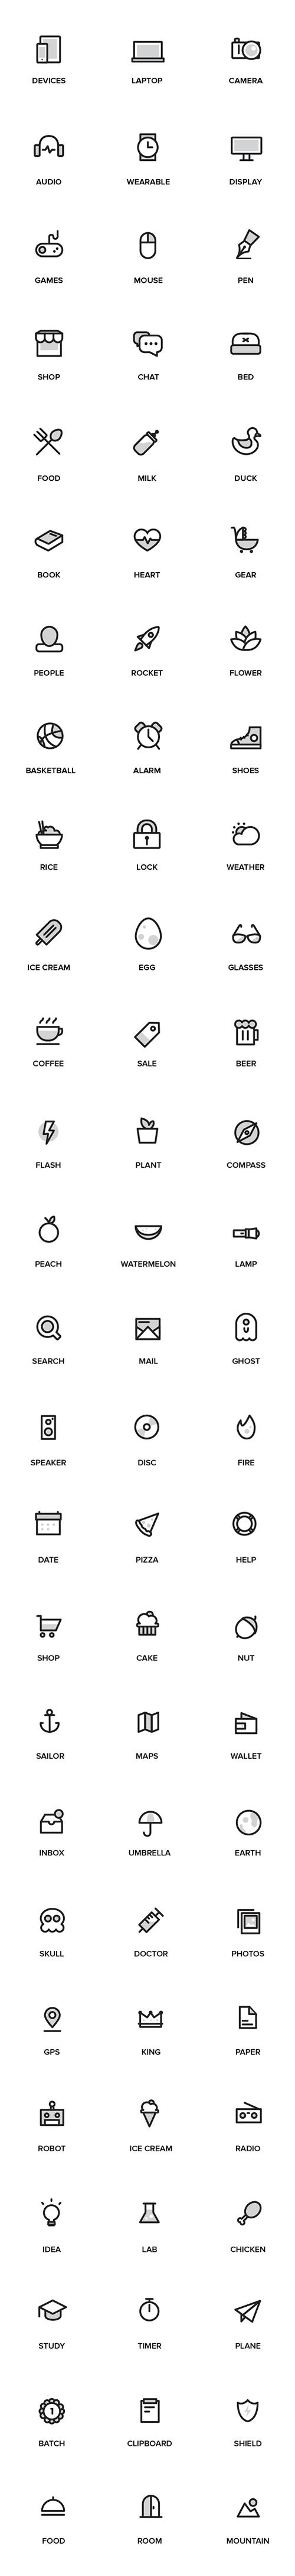 78 иконок Random Stuff (.Ai) скачать бесплатно